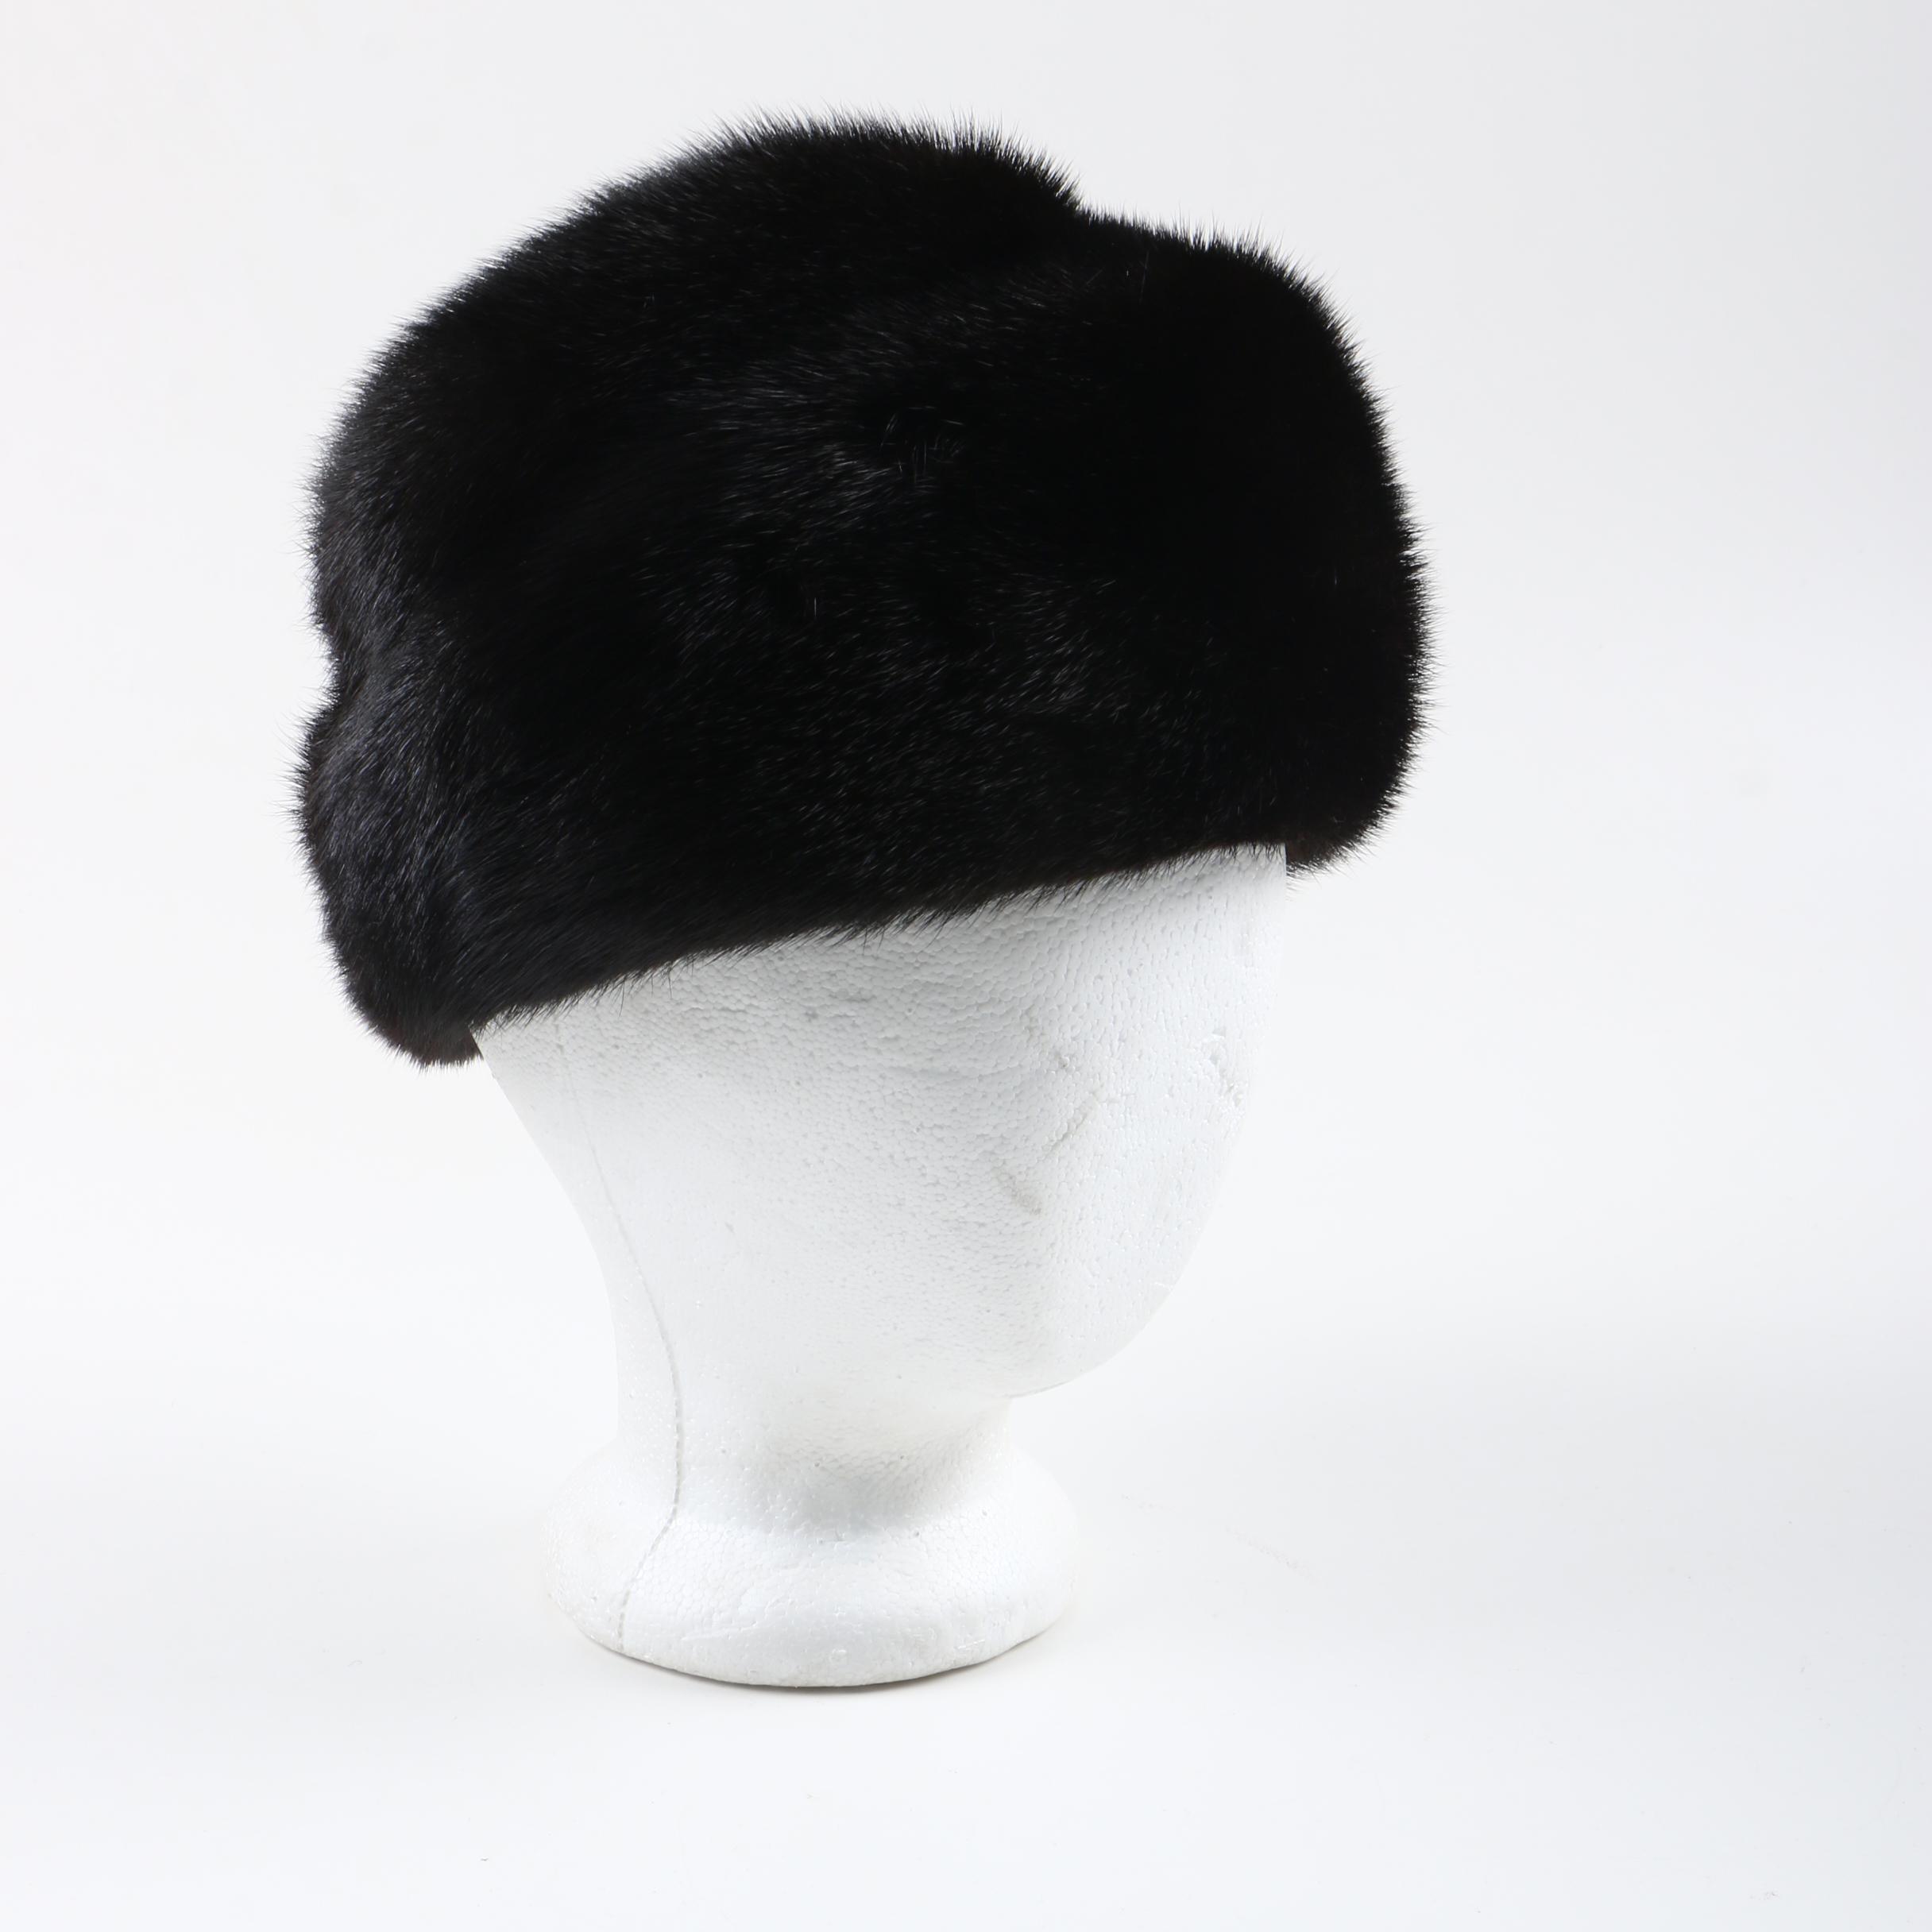 Women's Black Mink Fur Hat